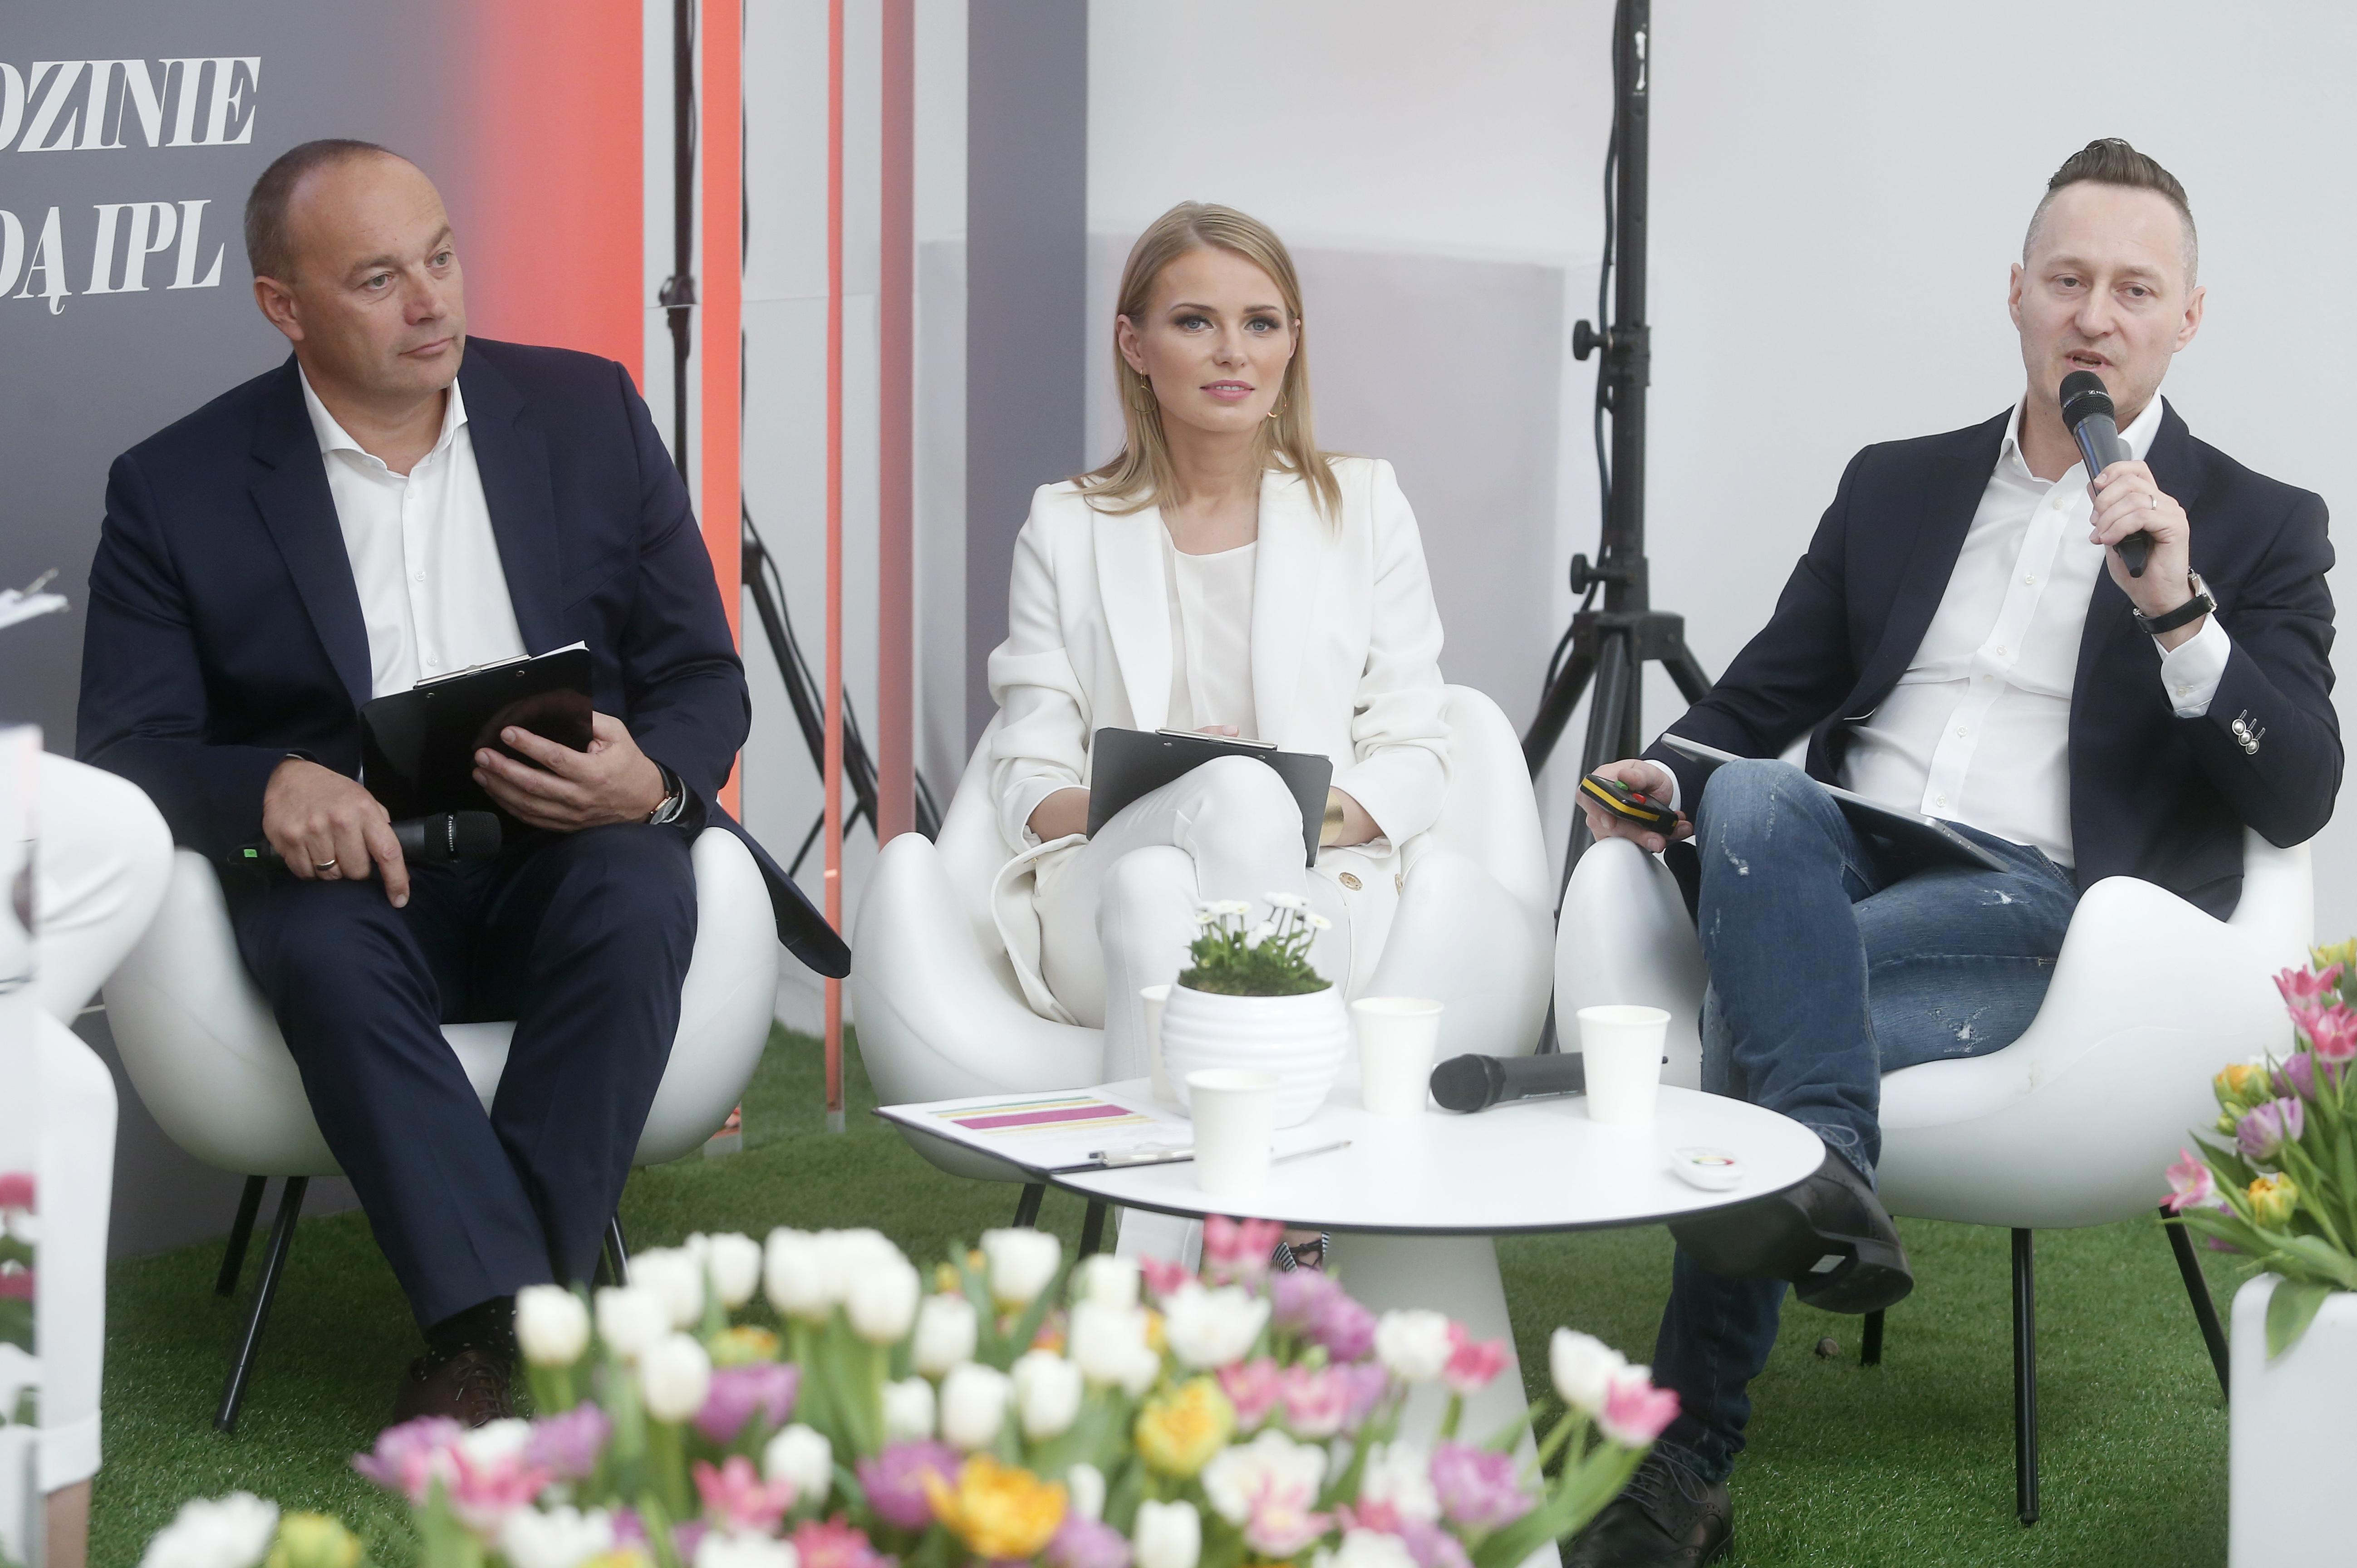 SK:, , fot. Podlewski/AKPA